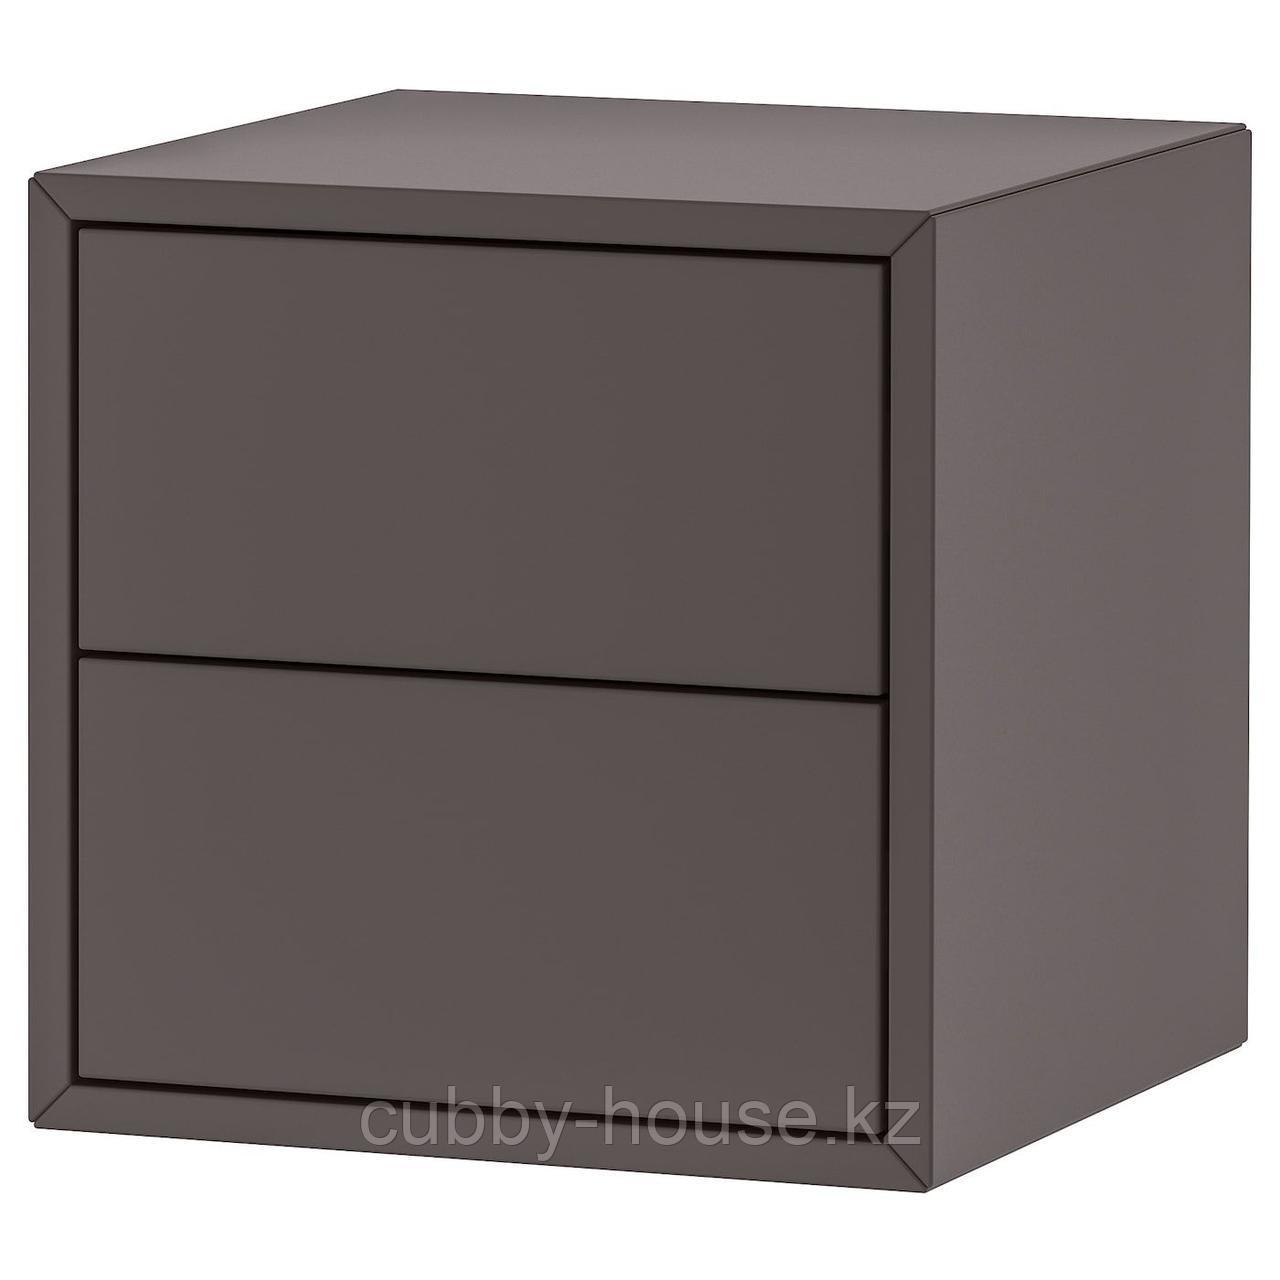 ЭКЕТ Шкаф с 2 ящиками, темно-серый, 35x35x35 см